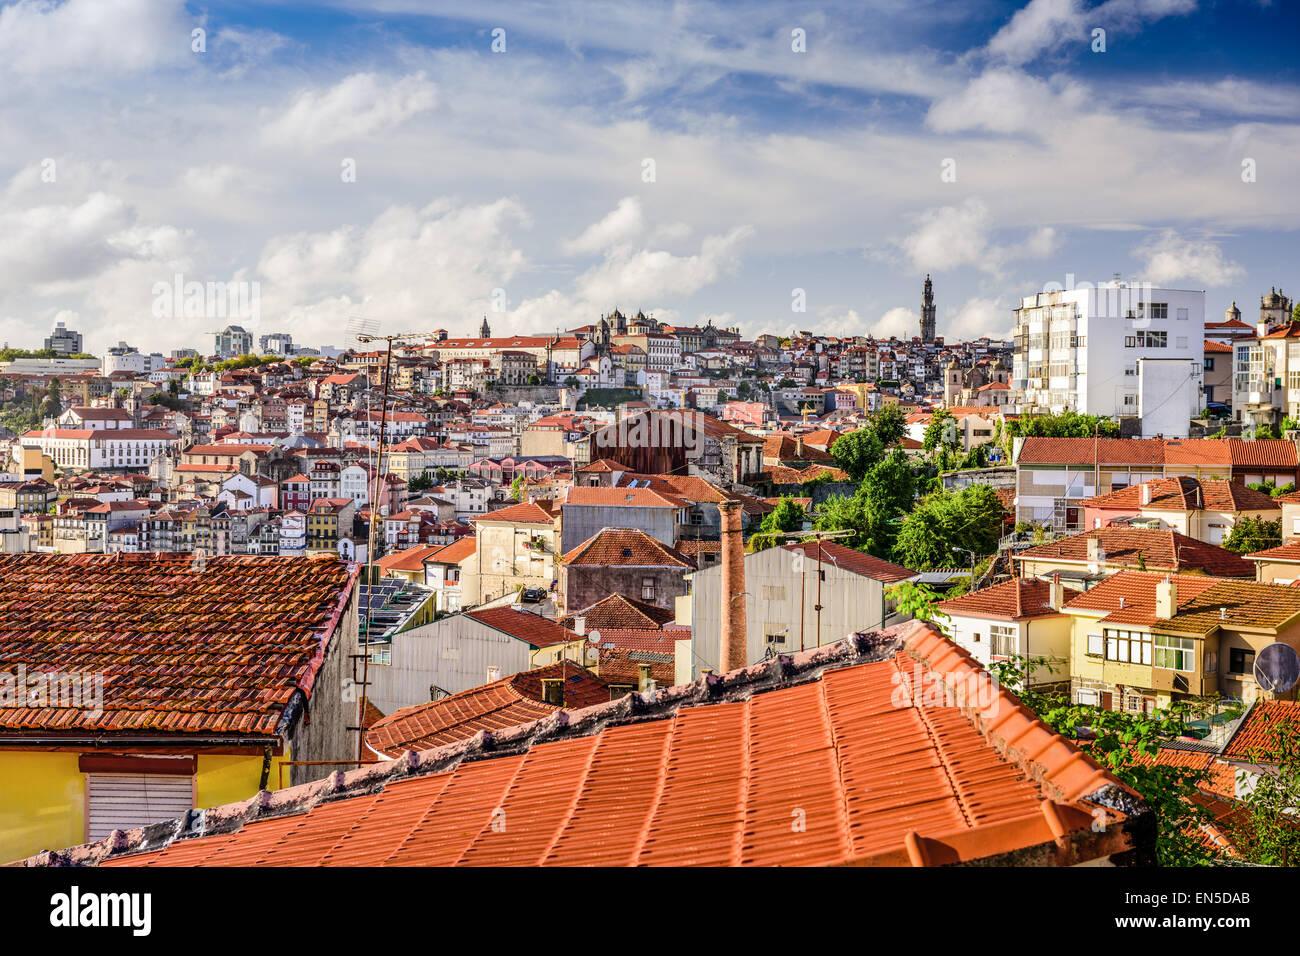 Porto, Portogallo città vecchia skyline. Immagini Stock